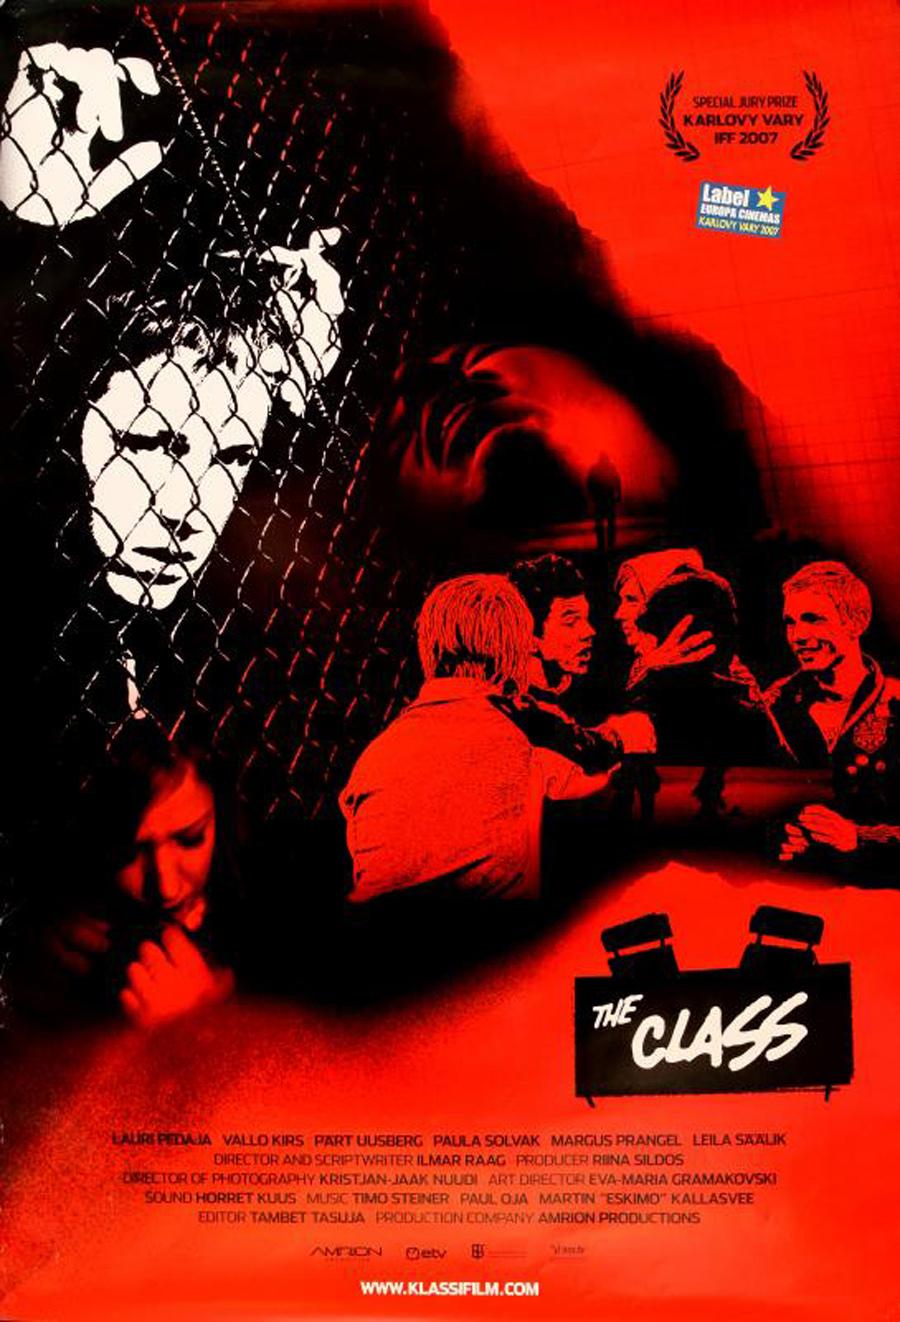 Класс (Klass): цитаты из фильма | Citaty.info: цитаты и афоризмы